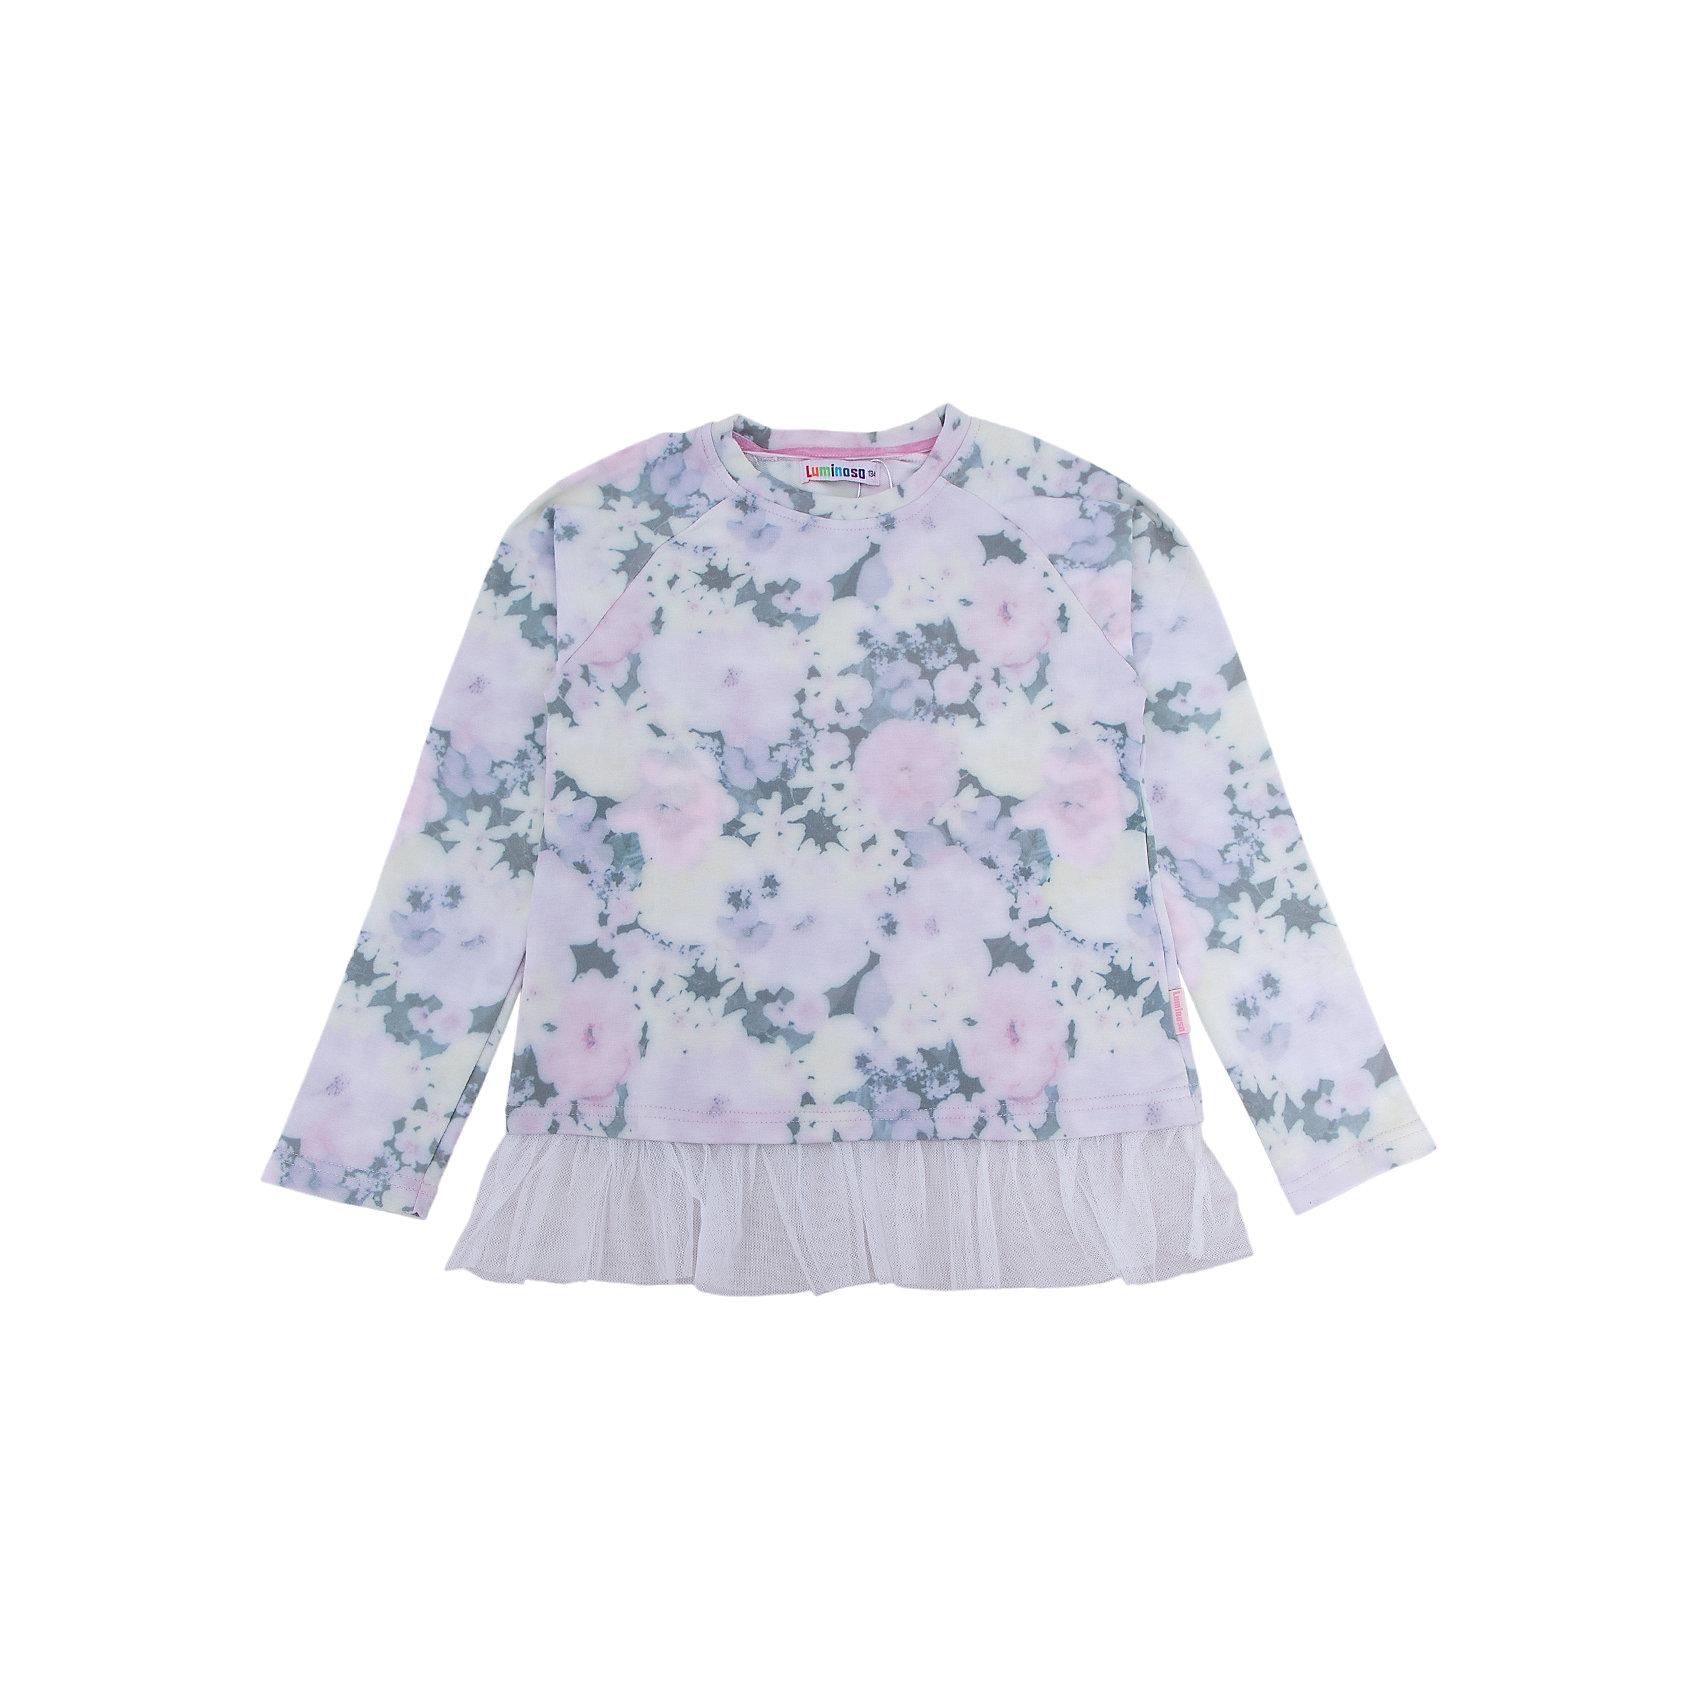 Толстовка для девочки LuminosoТолстовки<br>Характеристики товара:<br><br>- цвет: розовый;<br>- материал: 95% хлопок, 5% эластан;<br>- декорирована принтом и кружевом;<br>- длинный рукав;<br>- округлый горловой вырез.<br><br>Стильная одежда от бренда Luminoso (Люминосо), созданная при участии итальянских дизайнеров, учитывает потребности подростков и последние веяния моды. Она удобная и модная.<br>Эта стильная толстовка идеальна для прохладной погоды. Он хорошо сидит на ребенке, обеспечивает комфорт и отлично сочетается с одежной разных стилей. Модель отличается высоким качеством материала и продуманным дизайном.<br><br>Толстовку для девочки от бренда Luminoso (Люминосо) можно купить в нашем интернет-магазине.<br><br>Ширина мм: 190<br>Глубина мм: 74<br>Высота мм: 229<br>Вес г: 236<br>Цвет: розовый<br>Возраст от месяцев: 132<br>Возраст до месяцев: 144<br>Пол: Женский<br>Возраст: Детский<br>Размер: 152,164,134,140,146,158<br>SKU: 4929591